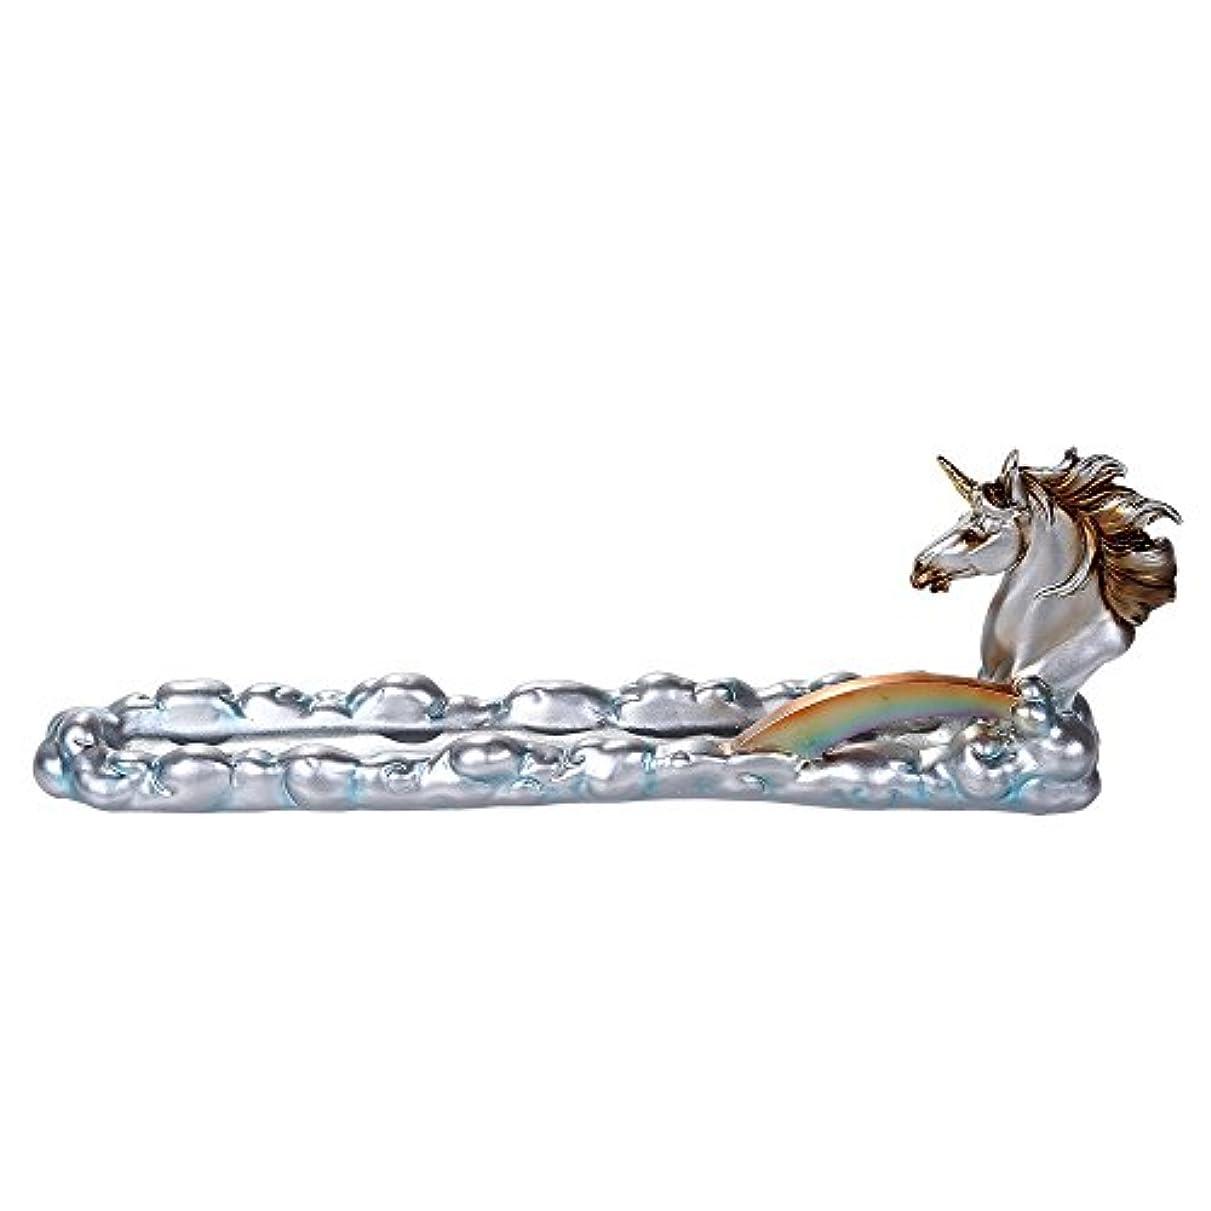 リマ昆虫ガウンファンタジーWonderlandユニコーンoverカラフルなレインボーブリッジStick Incense Holder 12インチL